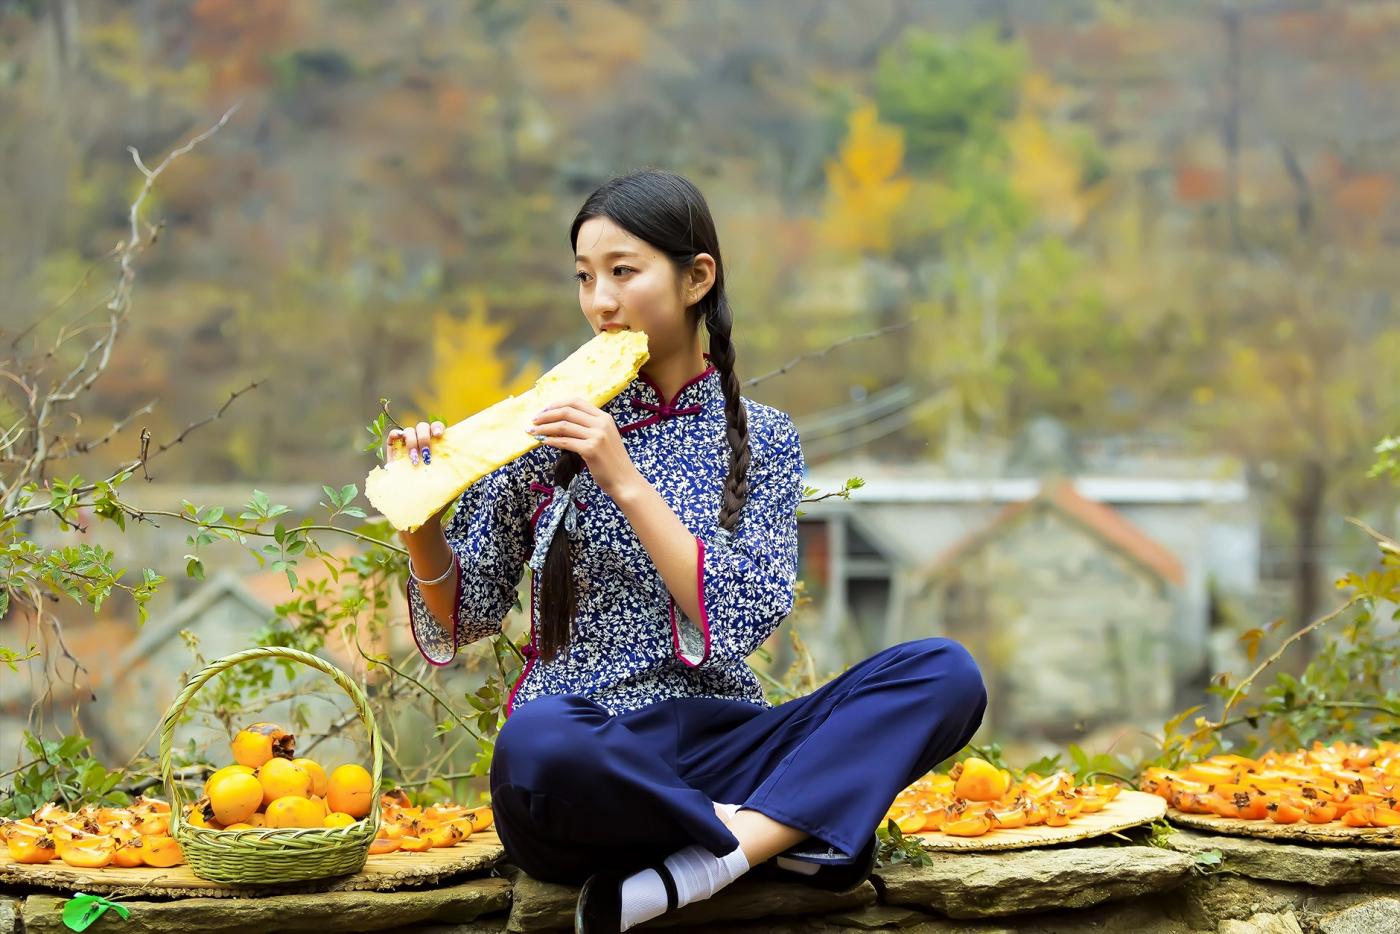 """蒙山人家走来一位可爱的""""煎饼mm"""" 地道的临沂大嫚范_图1-8"""